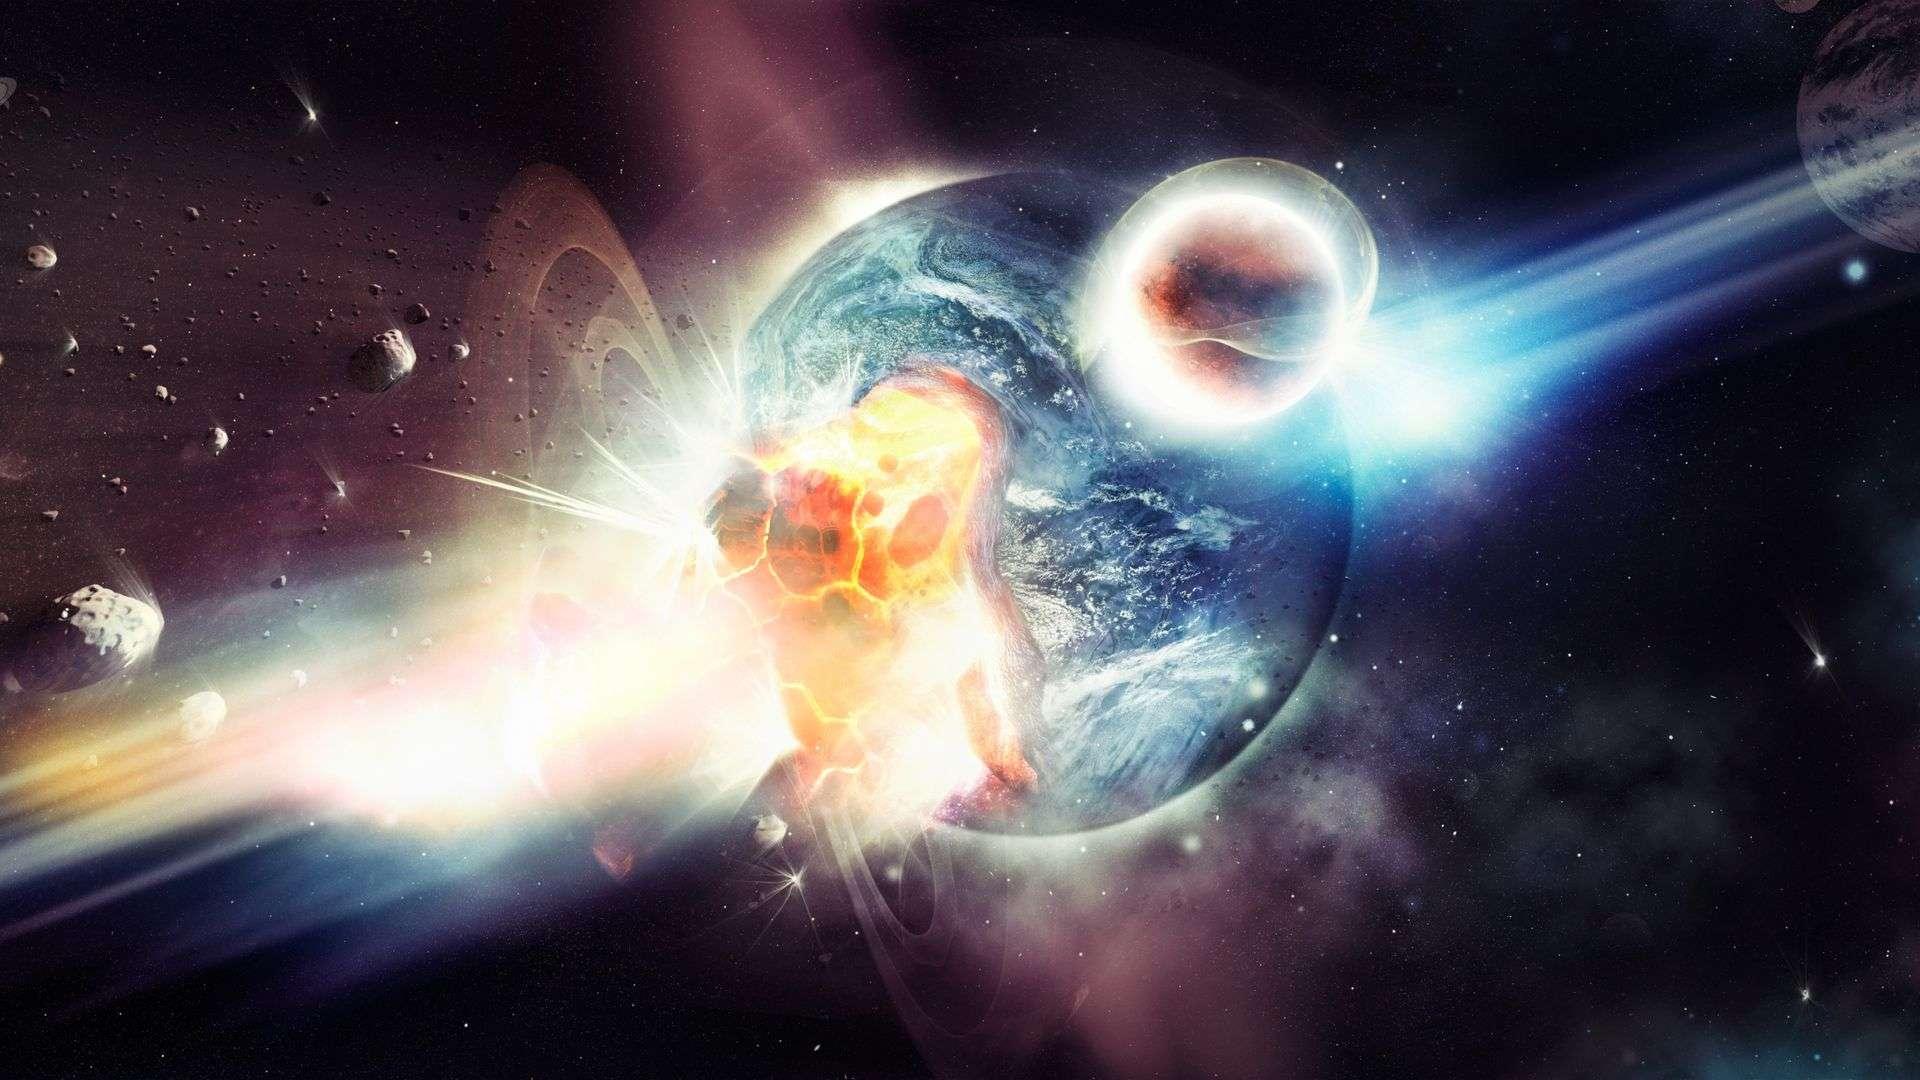 Астрономы зафиксировали загадочный инопланетный сигнал из космоса